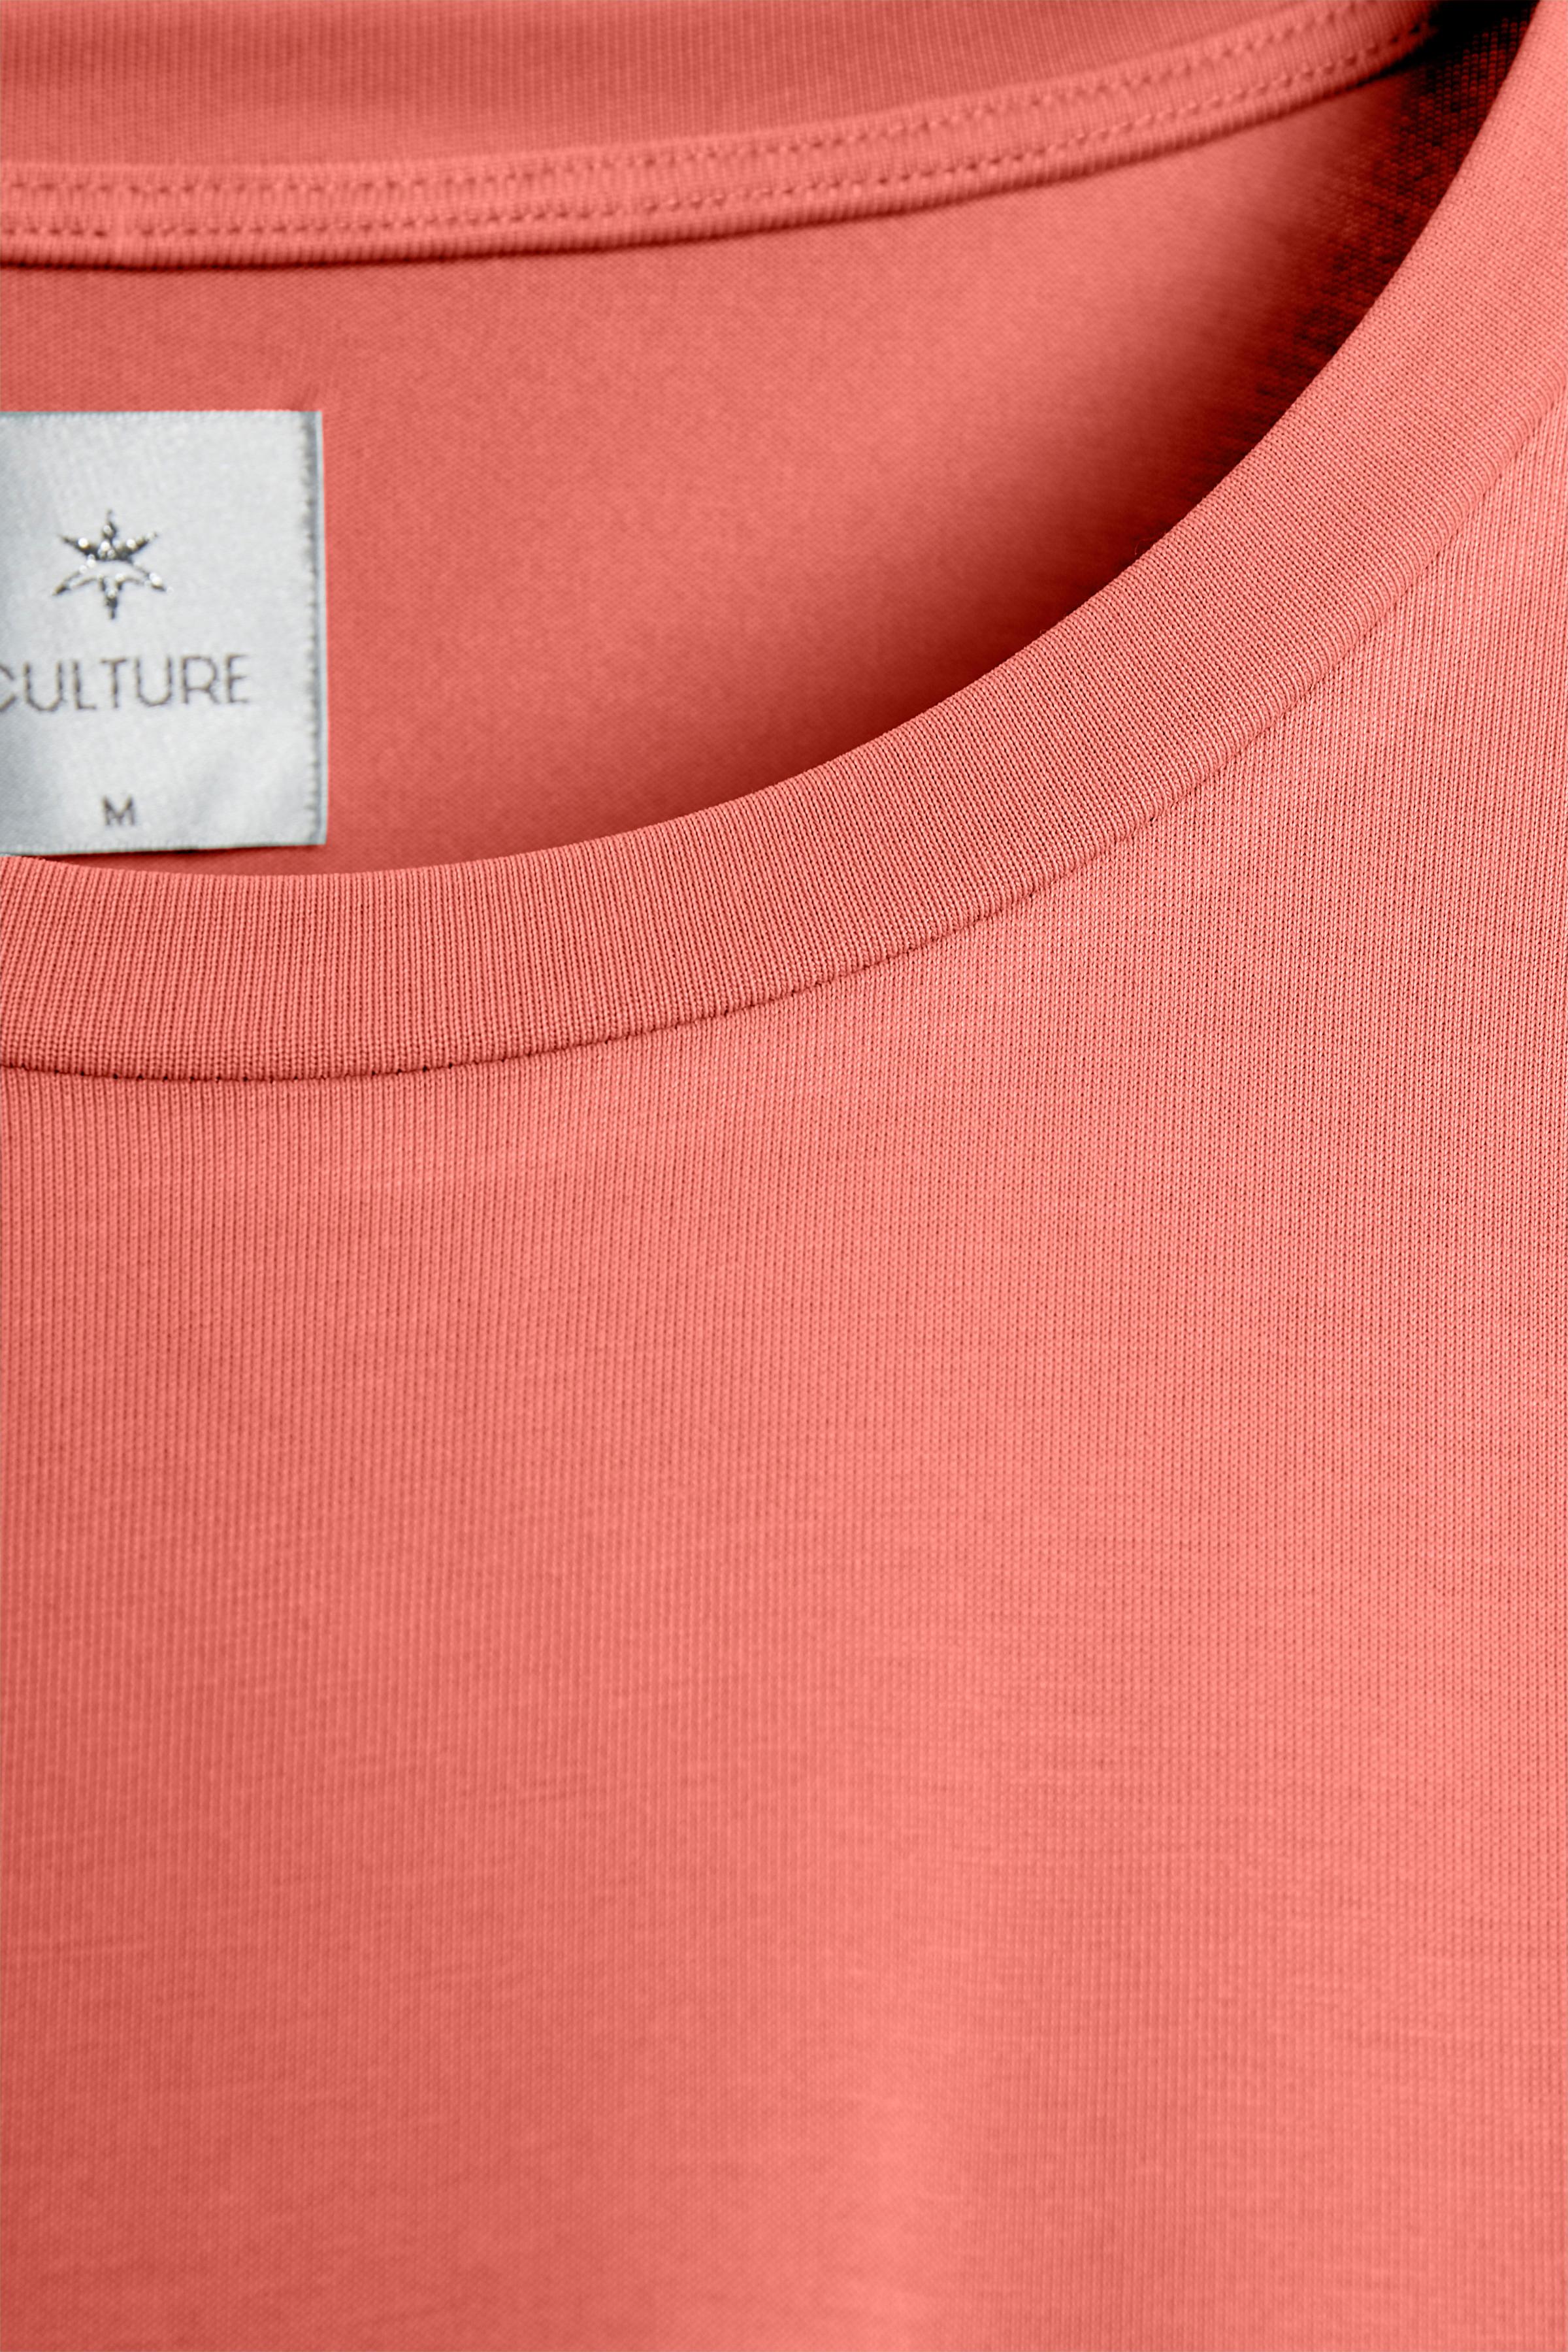 Mörk korall Kortärmad T-shirt från Culture – Köp Mörk korall Kortärmad T-shirt från stl. XS-XXL här